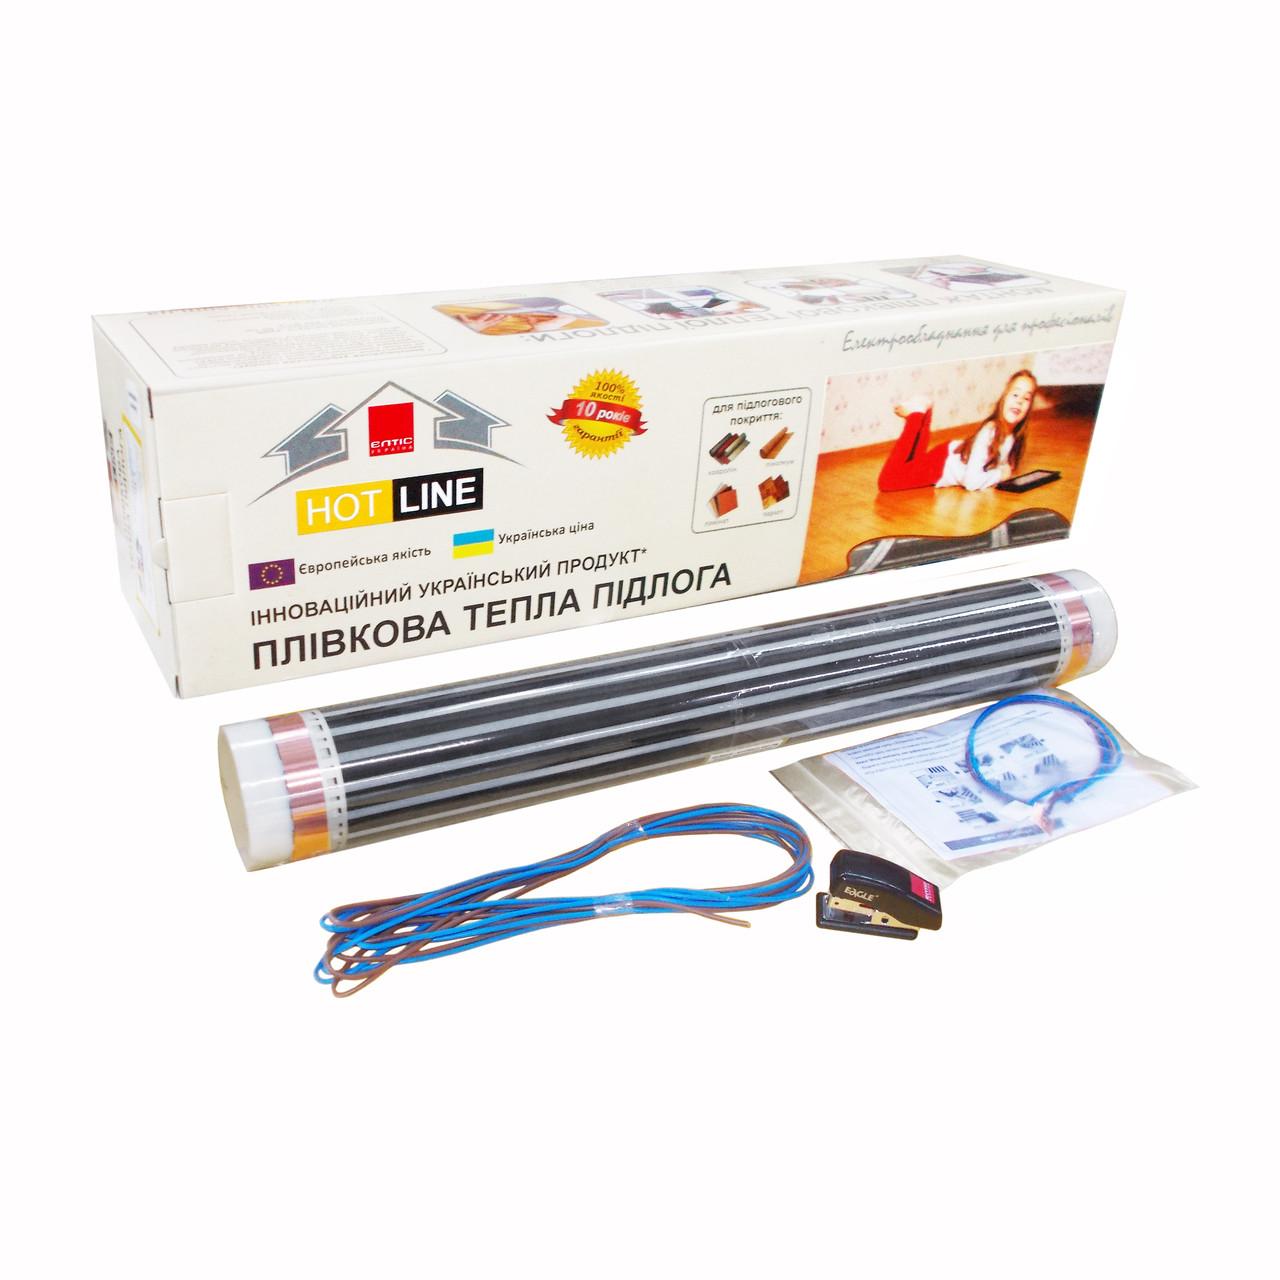 Пленочный пол HOT LINE ПП-11 (0,5х22м) Элтис Украина